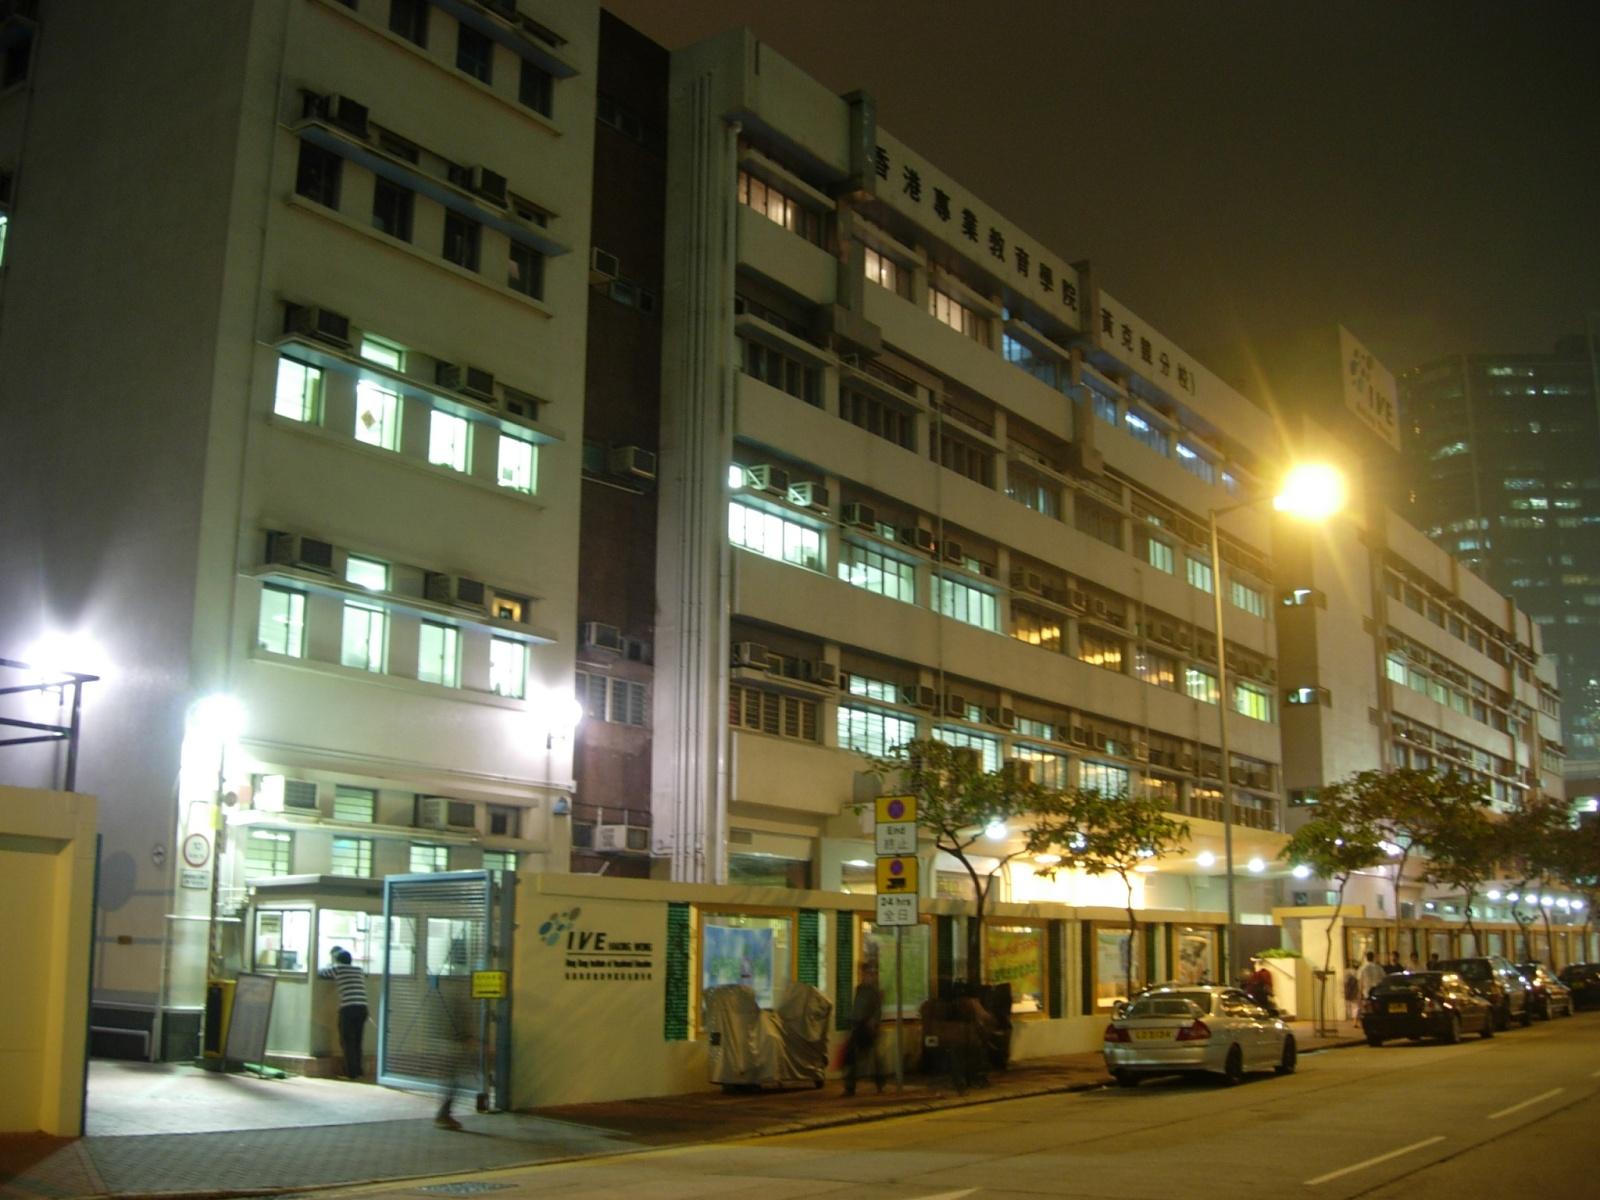 香港專業教育學院黃克競分校 - Wikiwand